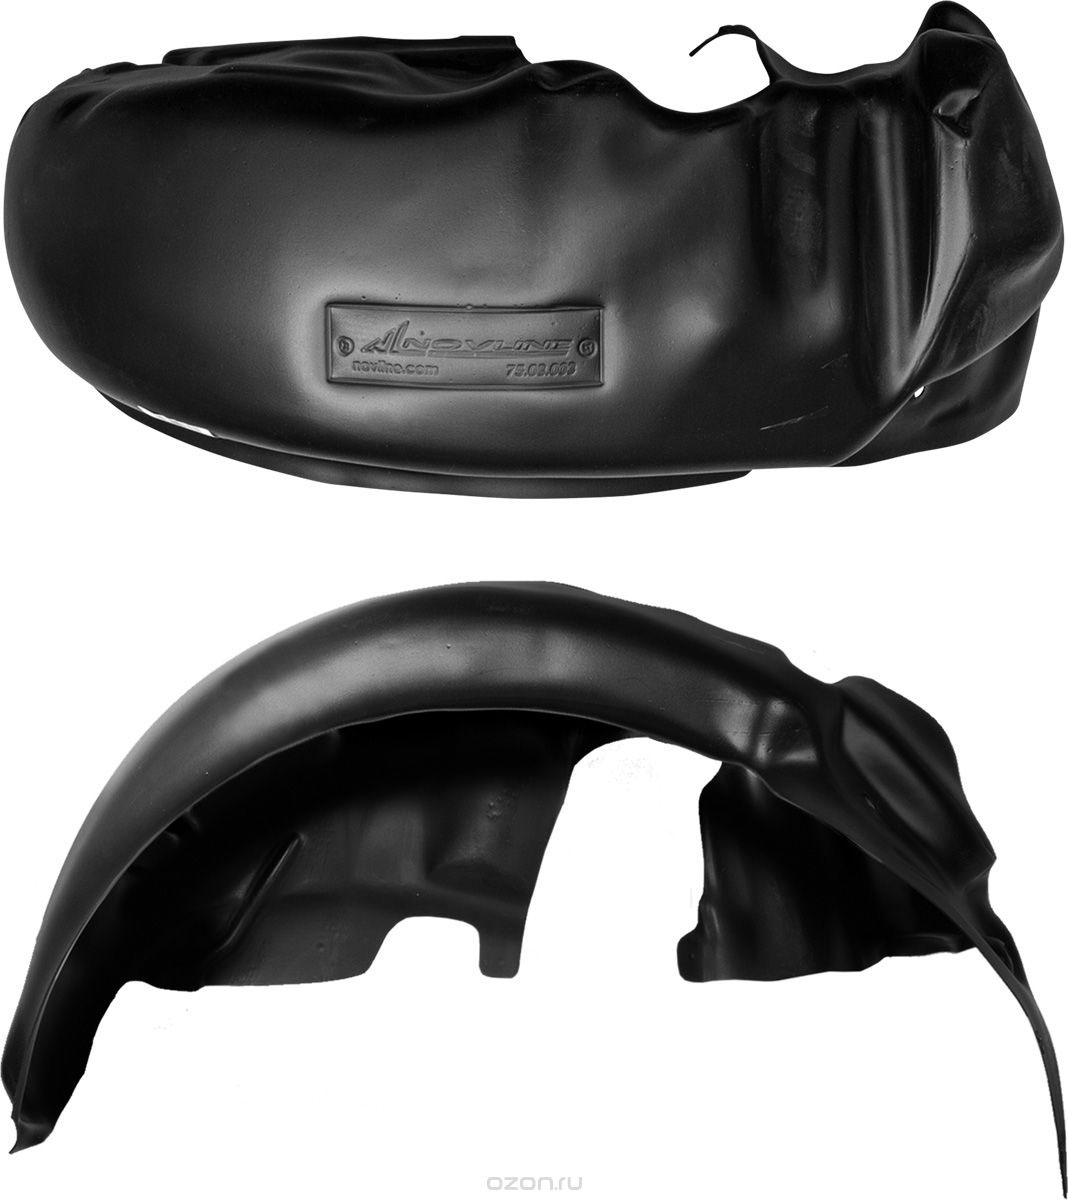 Подкрылок Novline-Autofamily, для TOYOTA Auris 03/2007-2013, задний левыйNLL.48.16.003Идеальная защита колесной ниши. Локеры разработаны с применением цифровых технологий, гарантируют максимальную повторяемость поверхности арки. Изделия устанавливаются без нарушения лакокрасочного покрытия автомобиля, каждый подкрылок комплектуется крепежом. Уважаемые клиенты, обращаем ваше внимание, что фотографии на подкрылки универсальные и не отражают реальную форму изделия. При этом само изделие идет точно под размер указанного автомобиля.